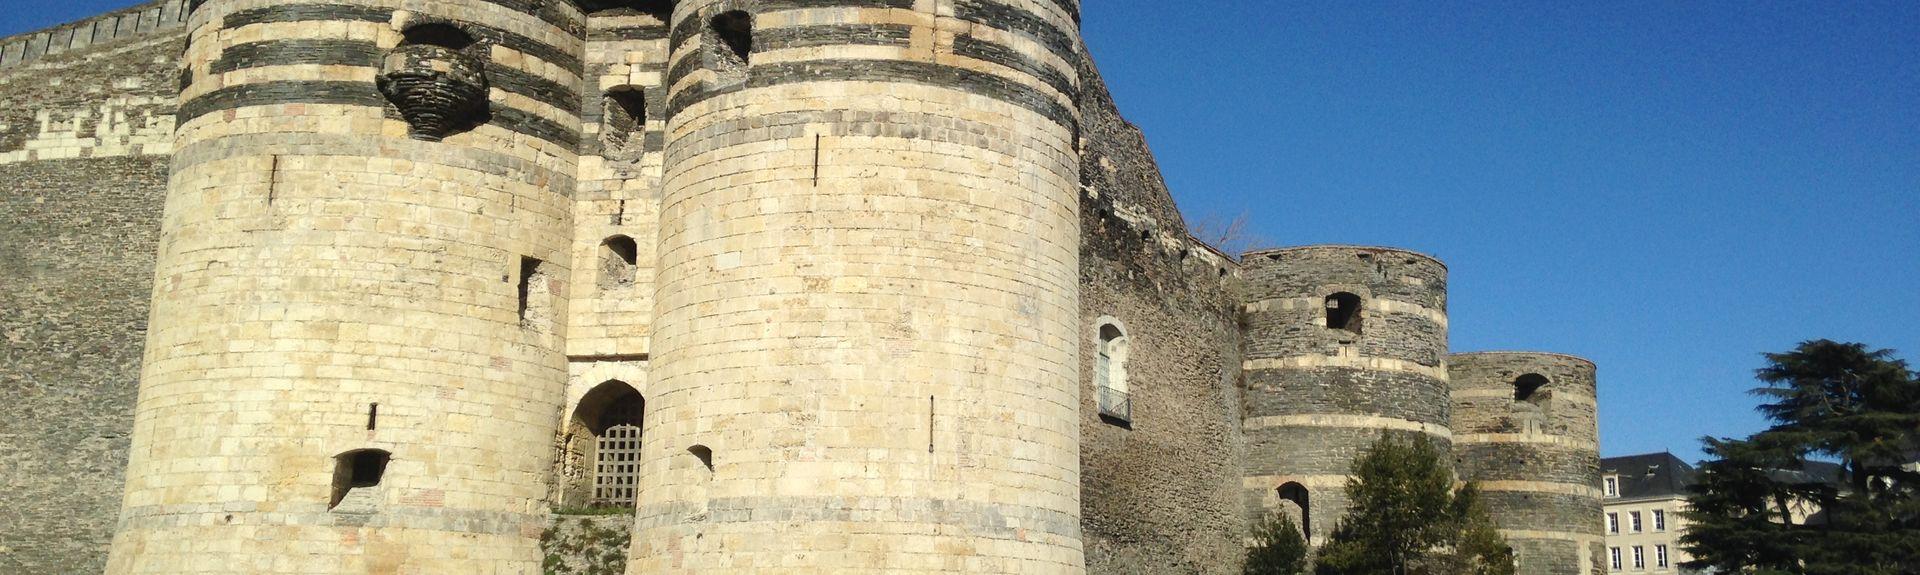 La Bohalle, Paesi della Loira, Francia